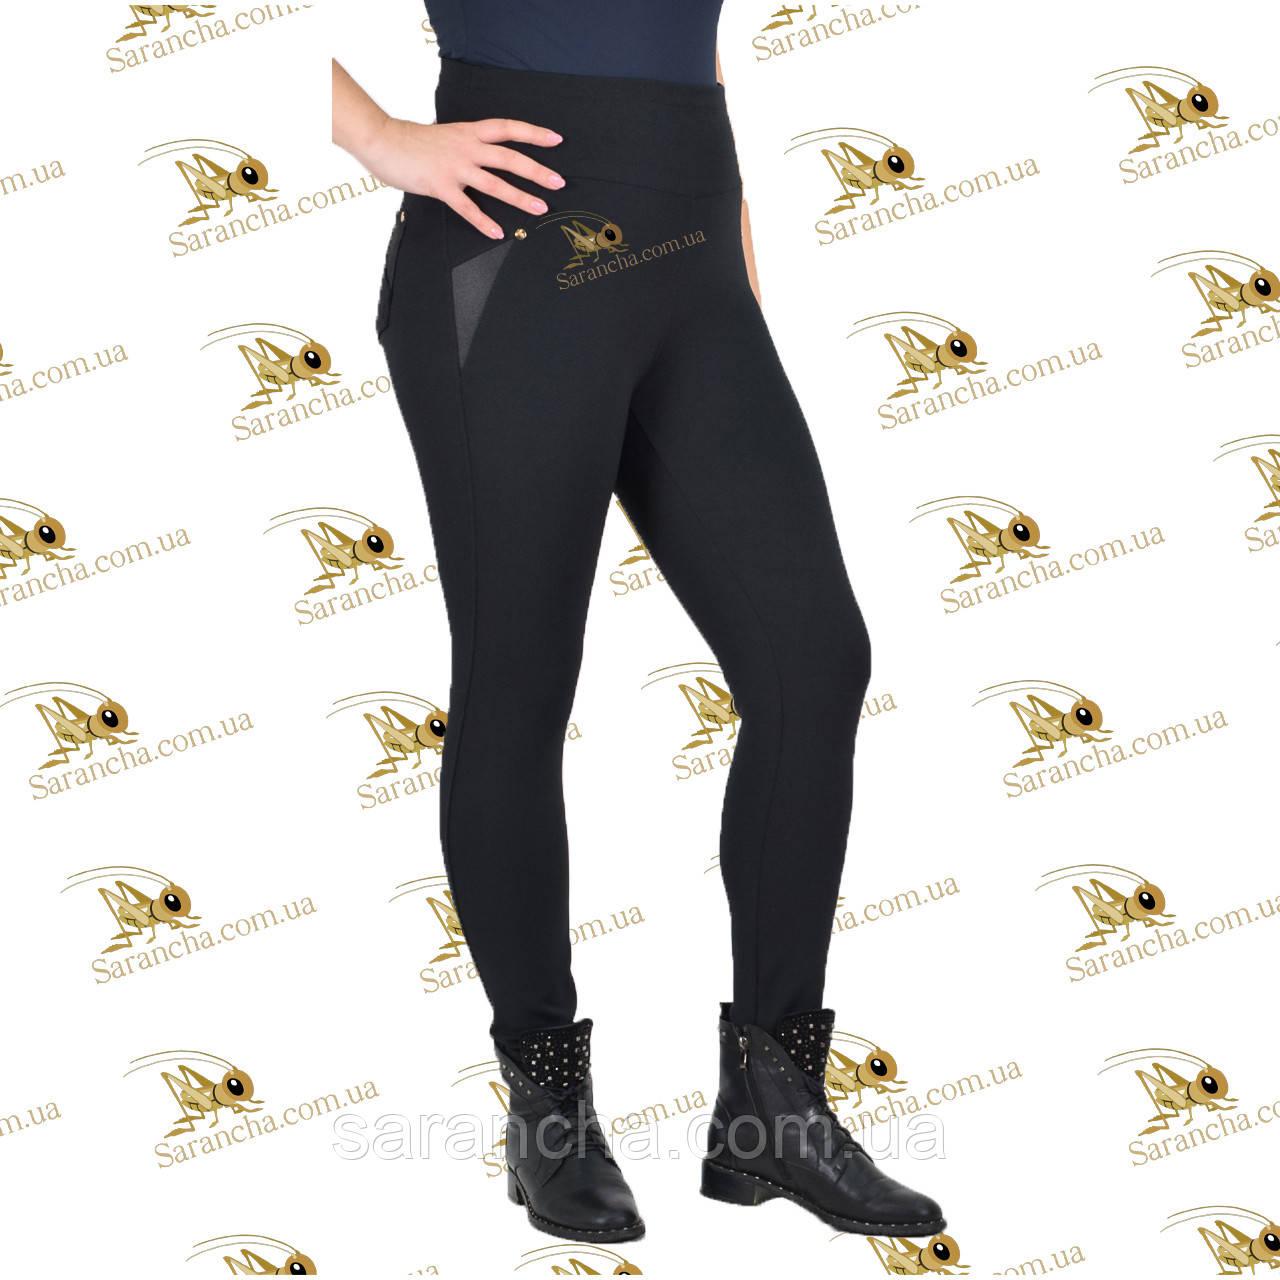 Лосины утепленные женские классические большие размеры черного цвета